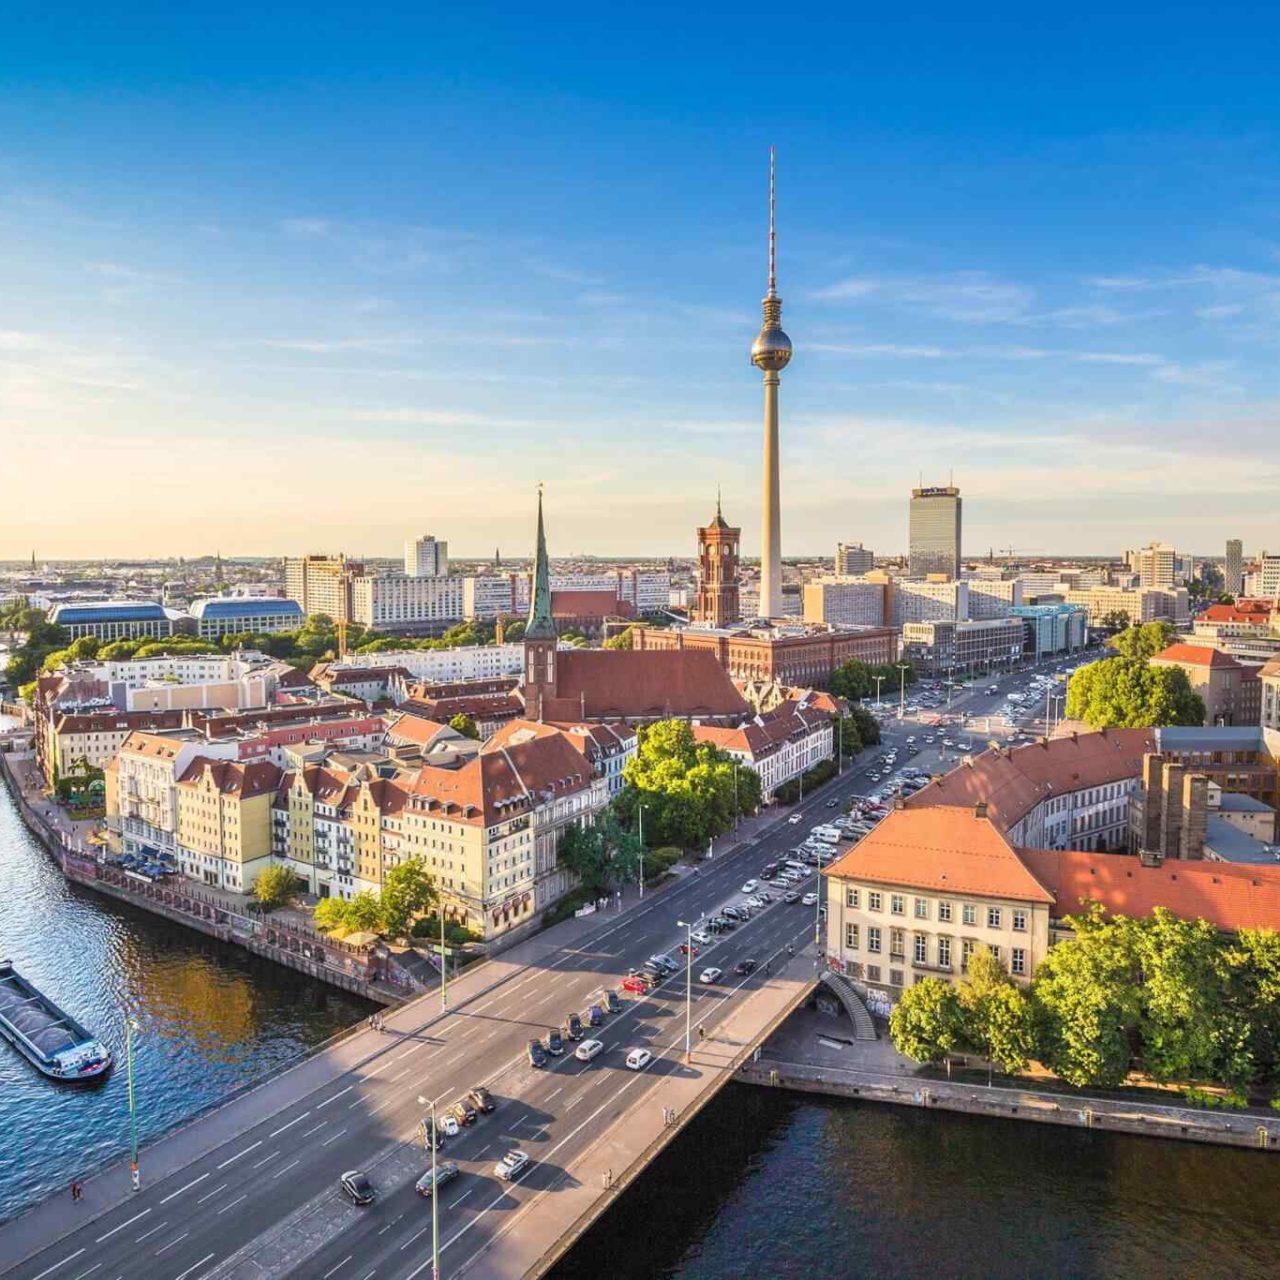 https://classictourbg.com/wp-content/uploads/2018/09/destination-berlin-05-1280x1280.jpg